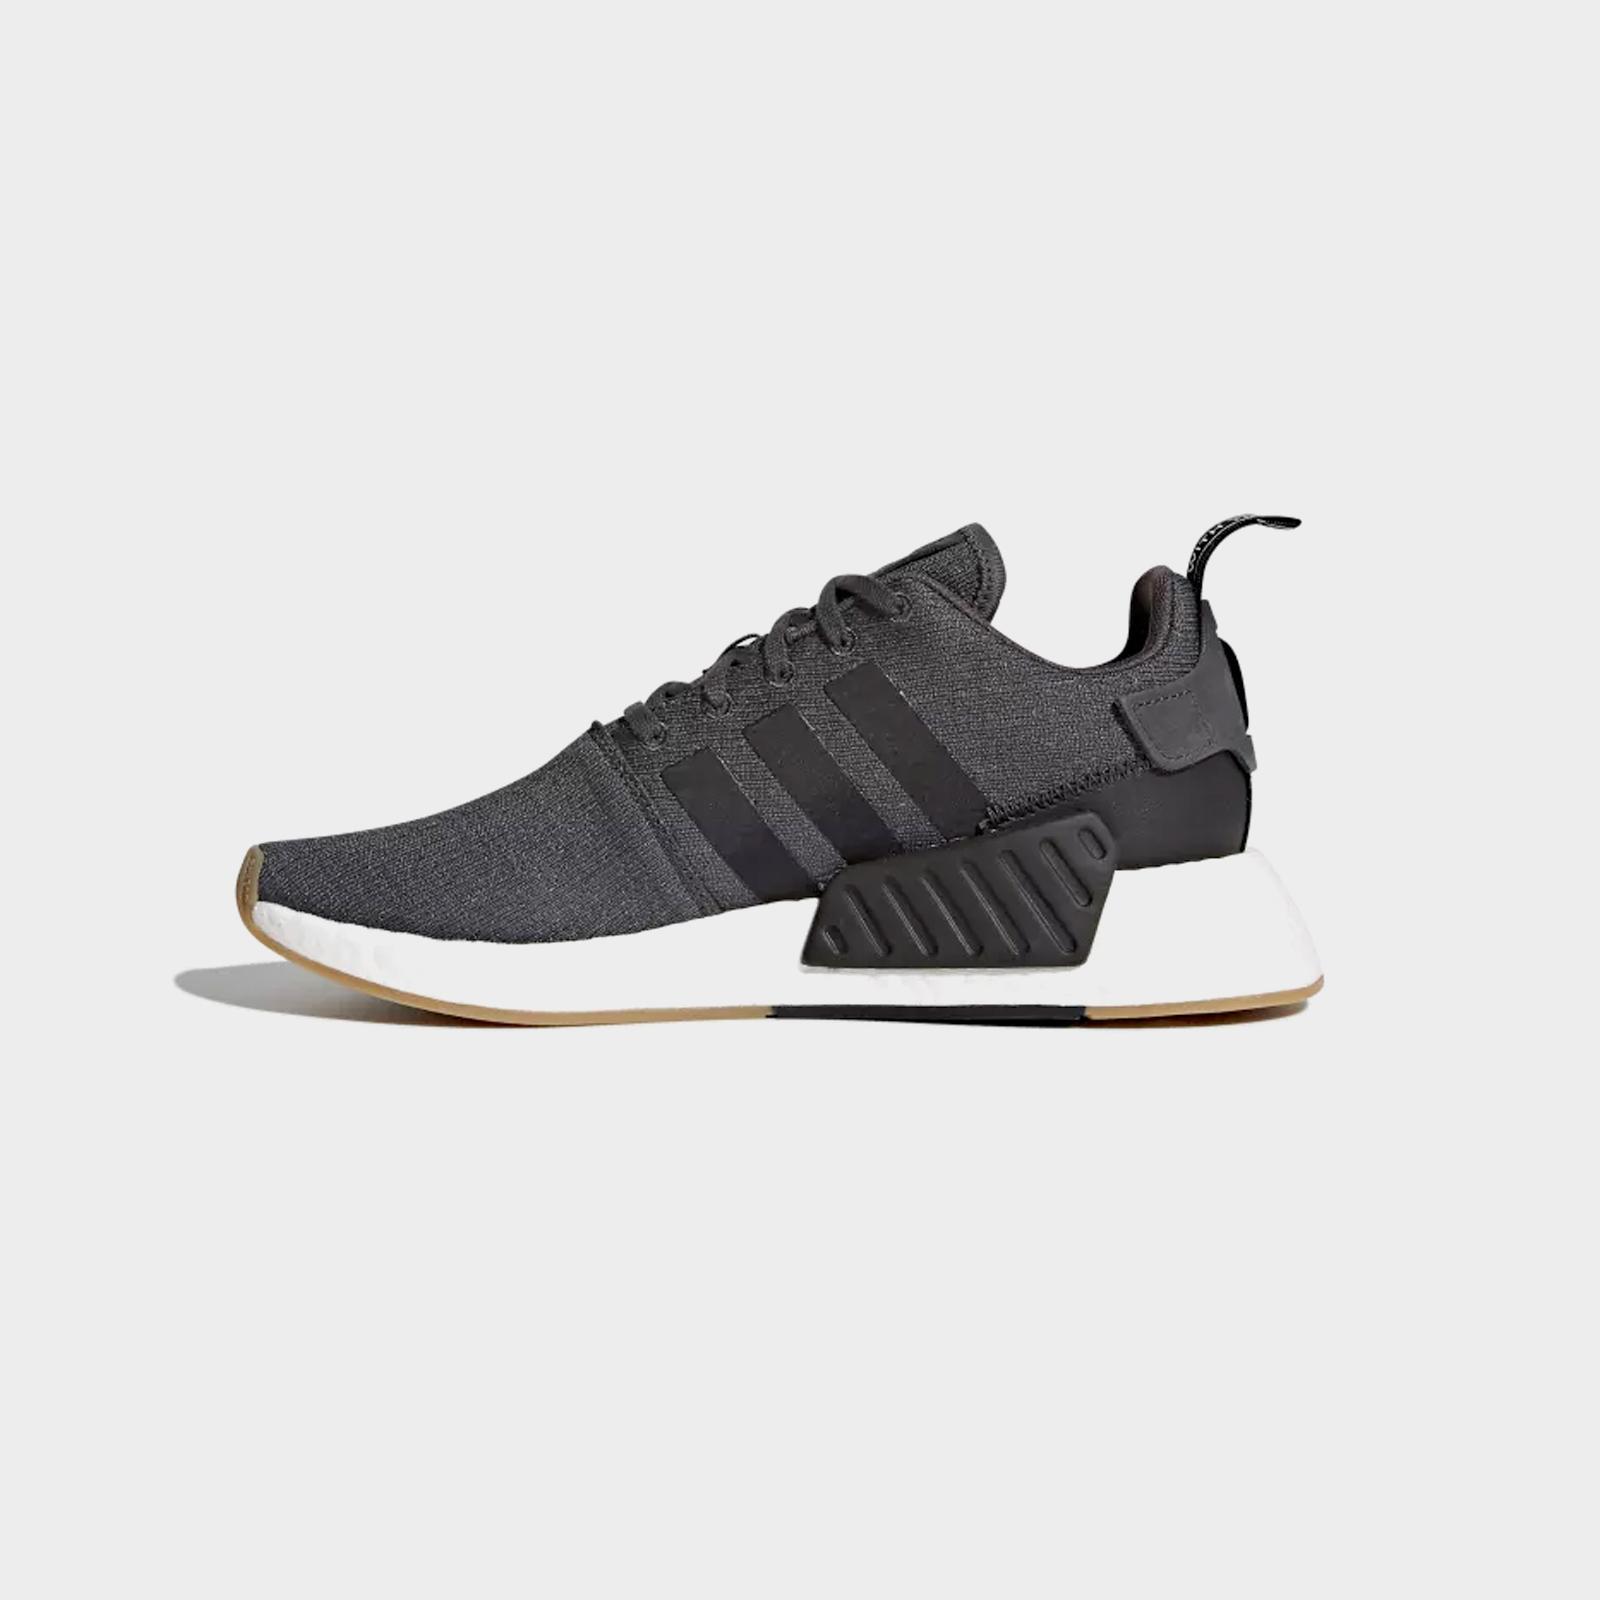 f5627d1cc0010 adidas NMD R2 - Cq2400 - Sneakersnstuff